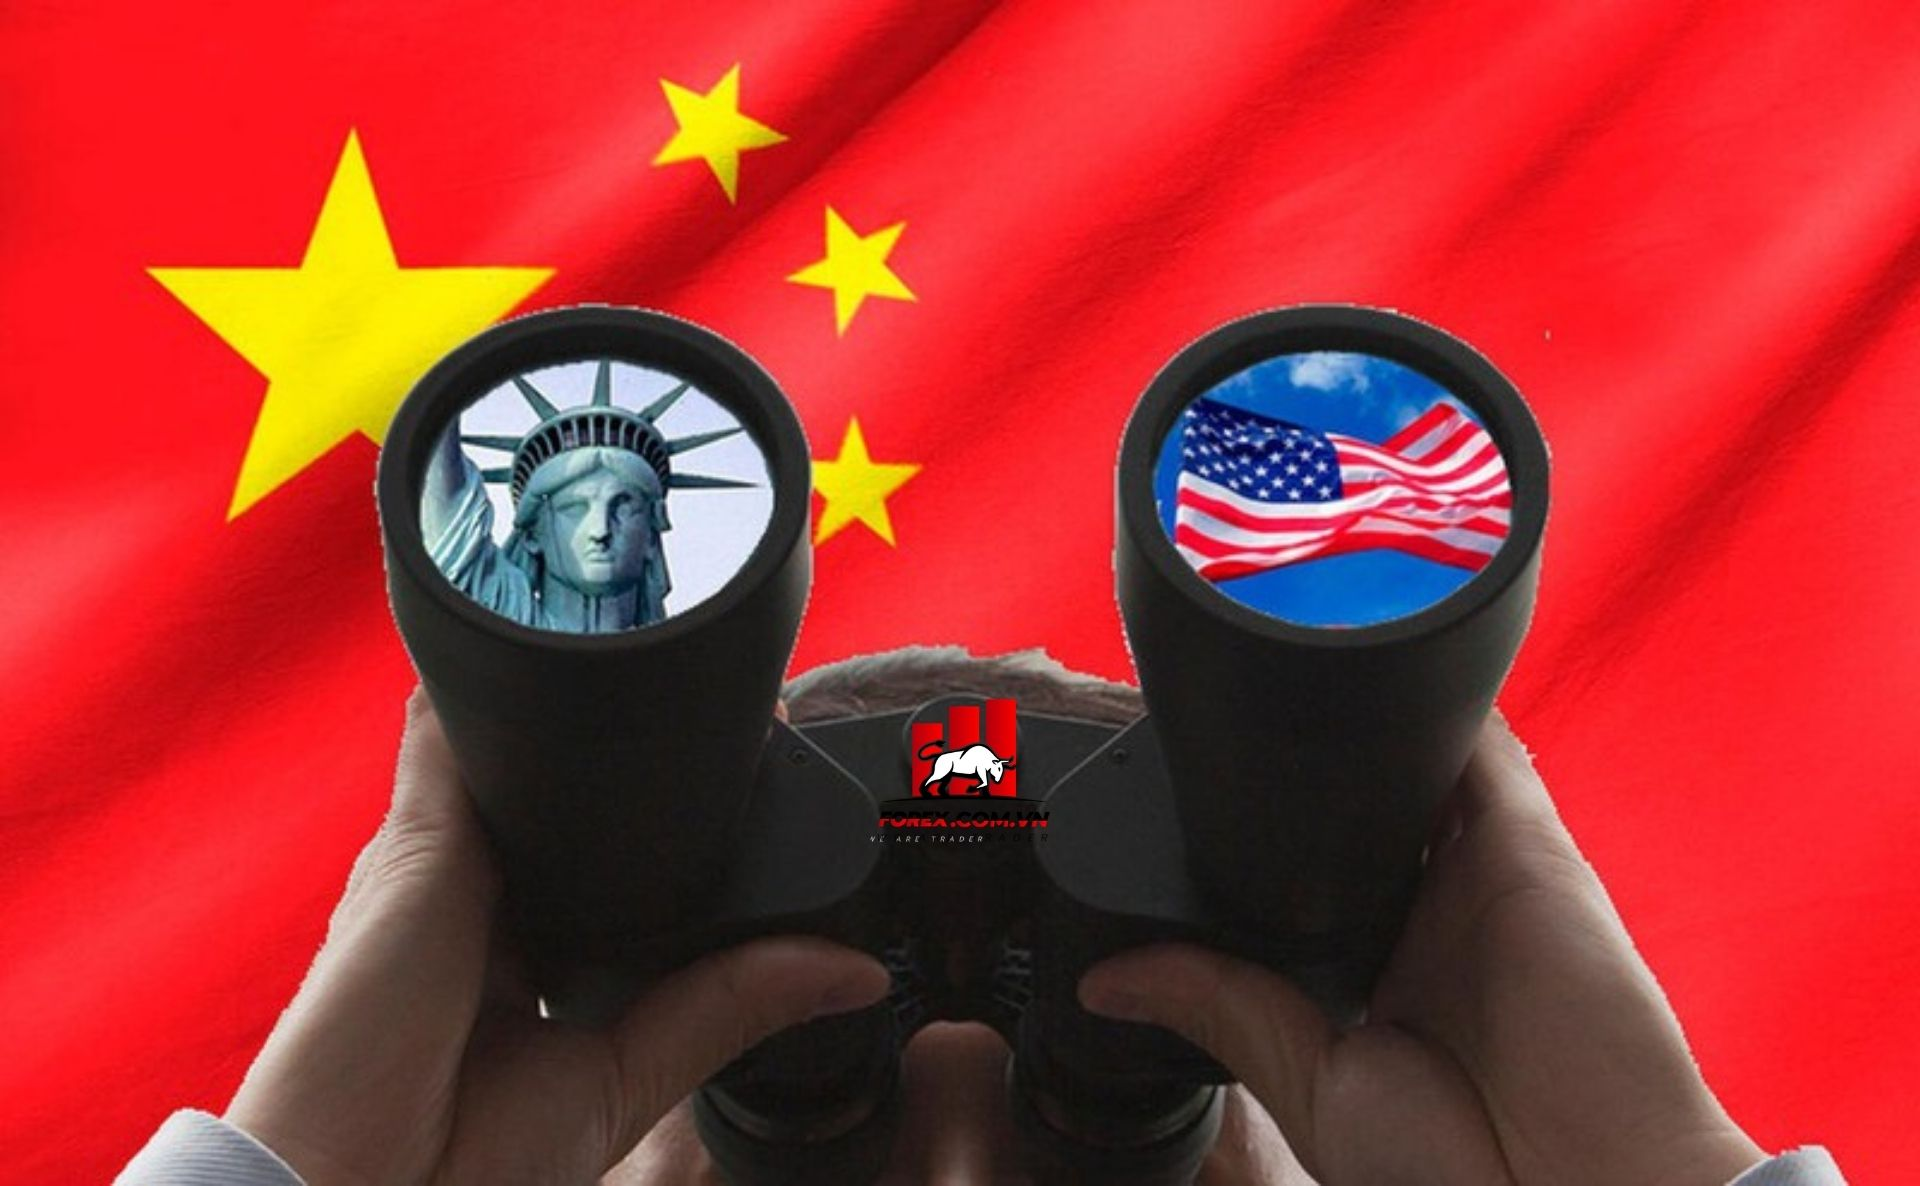 Chính quyền Tổng thống Trump đã đưa ra lệnh hành pháp cấm Mỹ đầu tư vào các công ty Trung Quốc